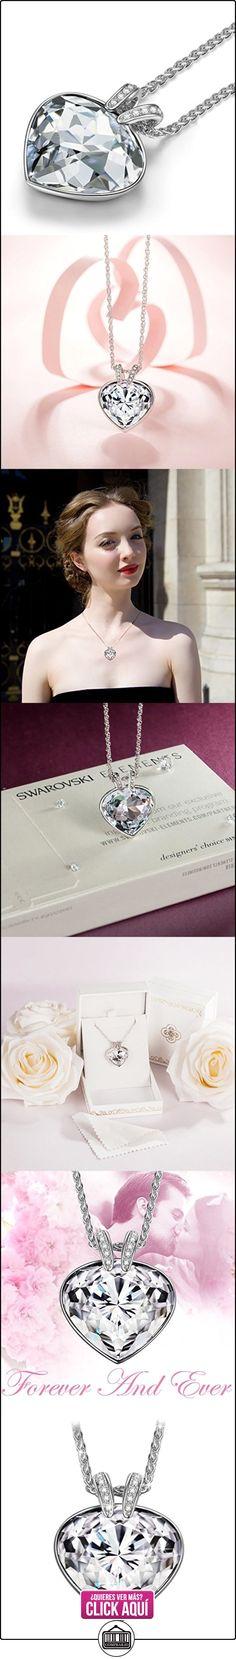 P&M-Océano Corazón-Collar Mujer Joyería con cristales Swarovski  ✿ Joyas para mujer - Las mejores ofertas ✿ ▬► Ver oferta: https://comprar.io/goto/B0181RKIHS